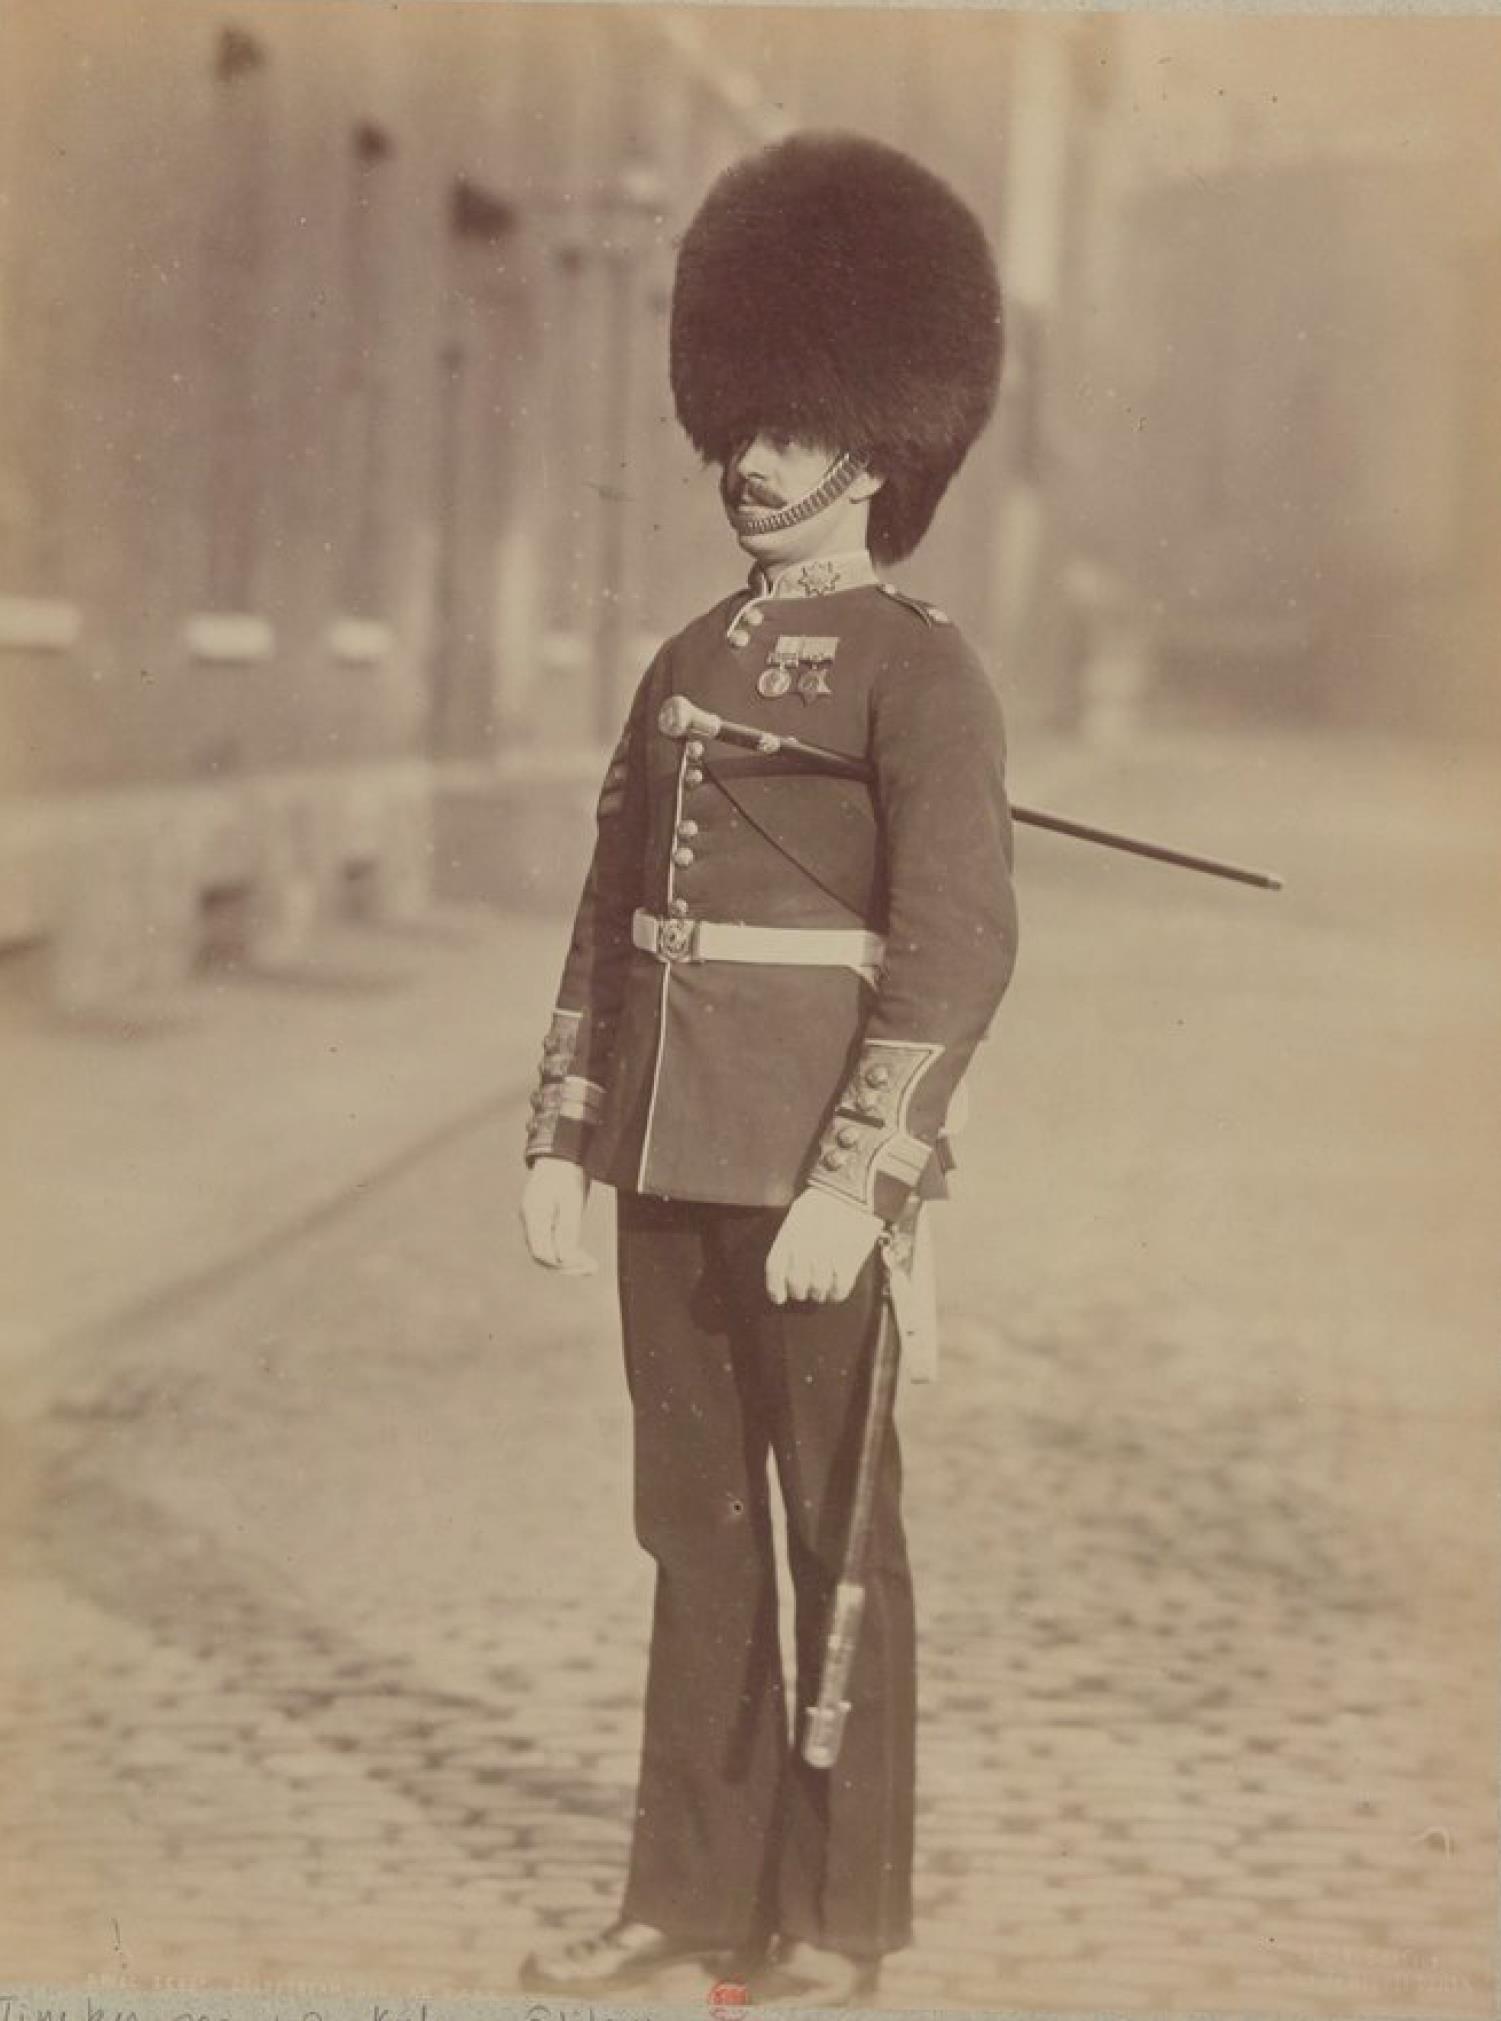 Сержант-инструктор по строевой подготовке. Колдстримский пехотный гвардейский полк Её Величества